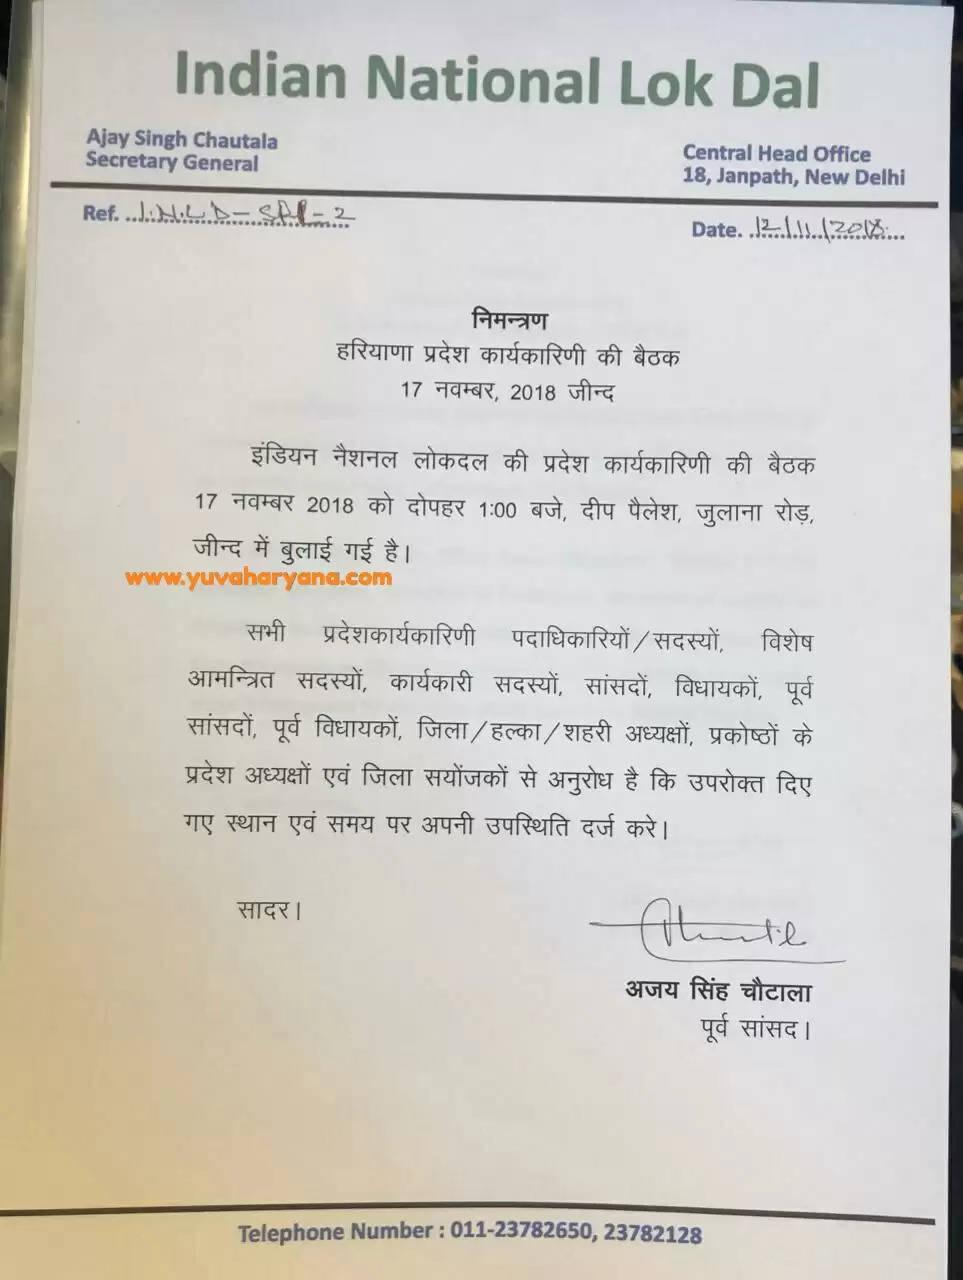 अजय चौटाला ने पार्टी के सभी विधायकों, सांसदो, जिलाध्यक्षों को दिए सख्त निर्देश, 17 की बैठक में शामिल नहीं हुए तो होगी कड़ी कार्रवाई